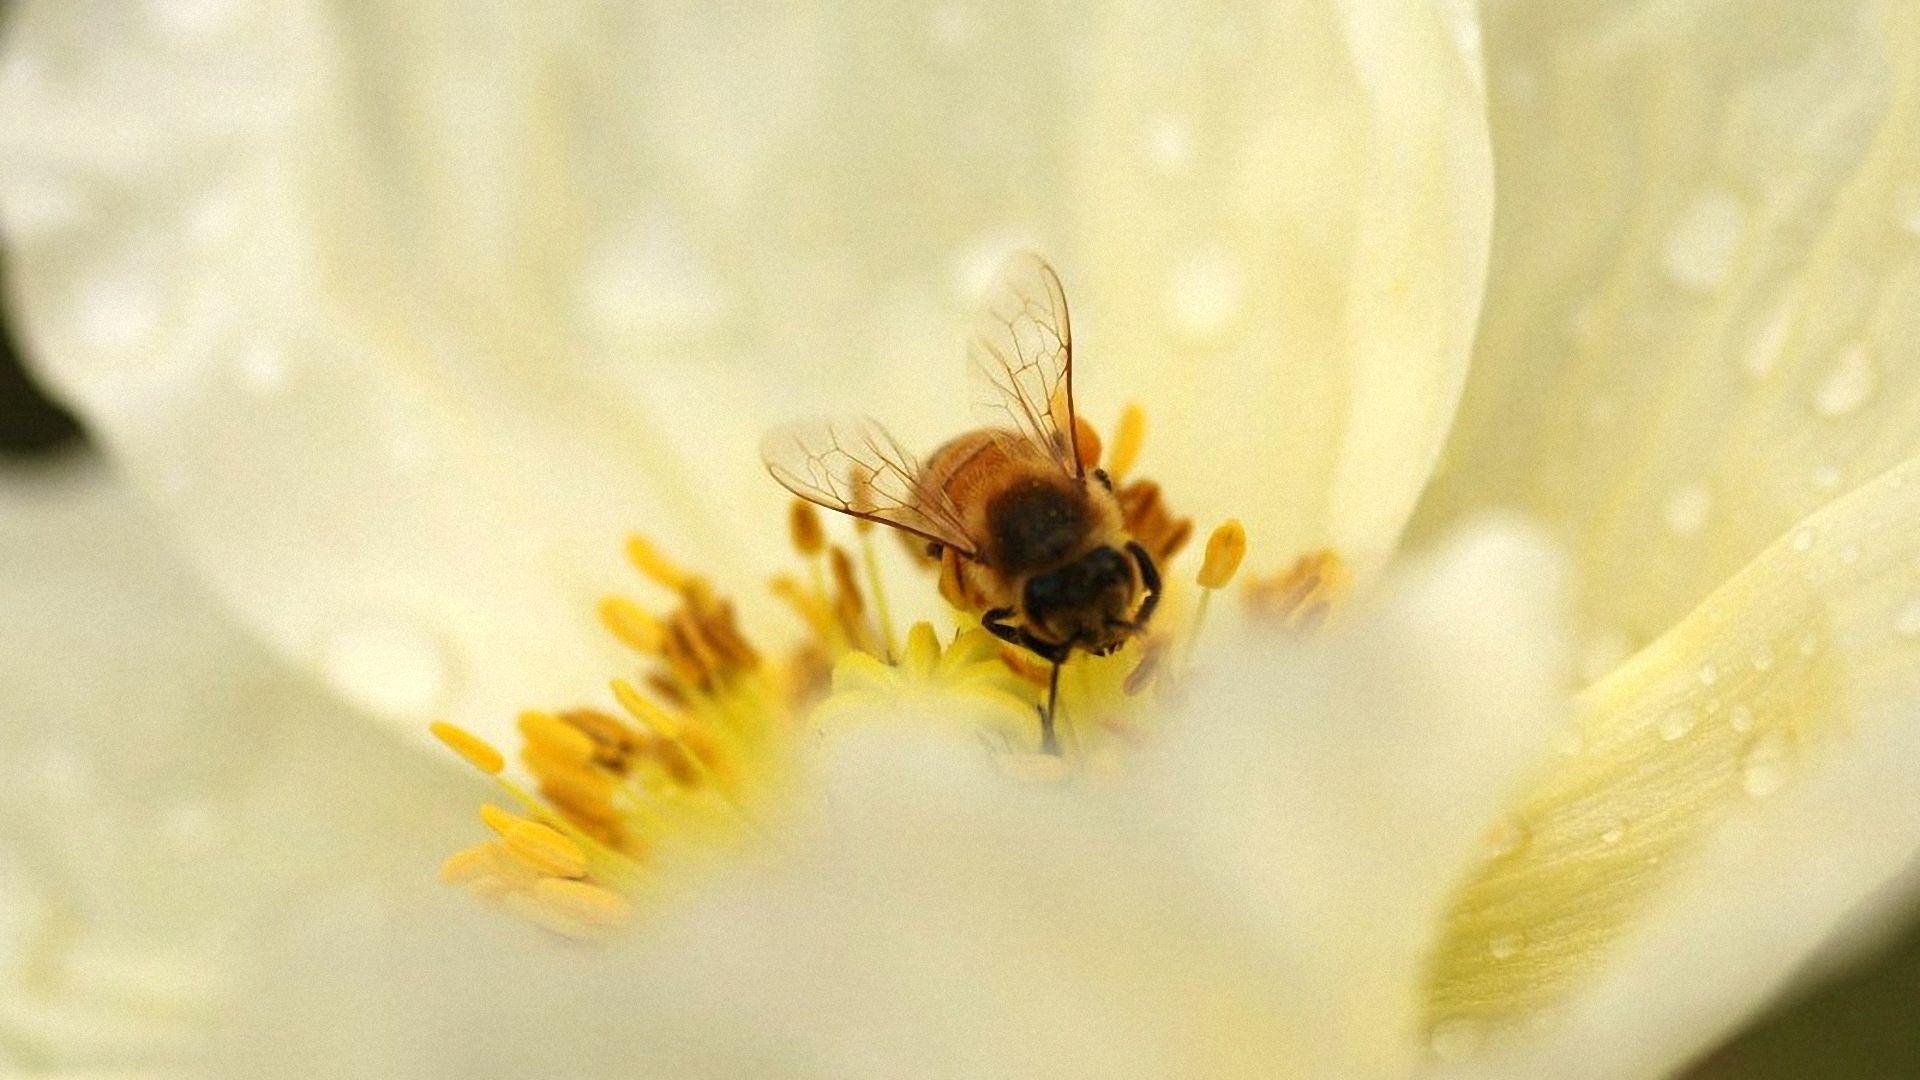 Bee Wallpapers Wallpaper Cave